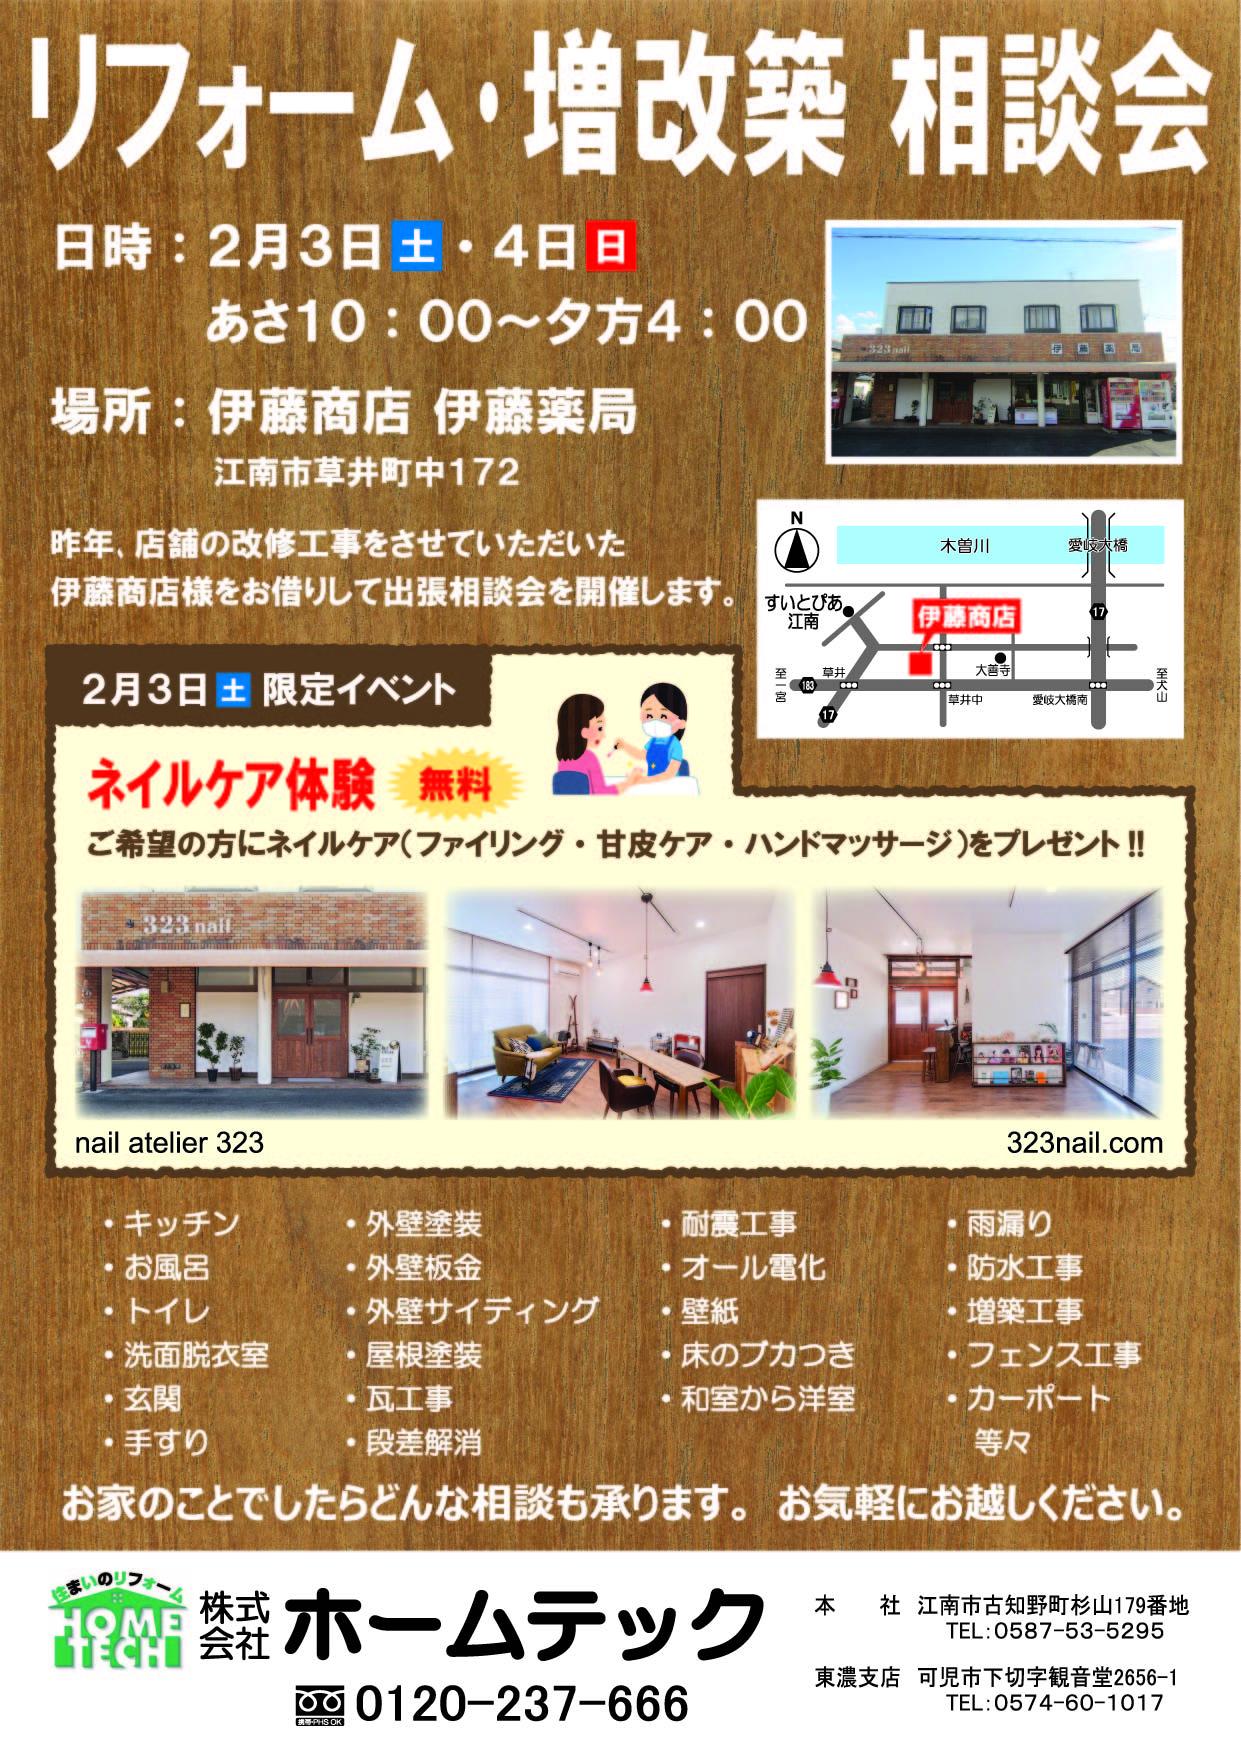 2018年2月 リフォーム・増改築相談会